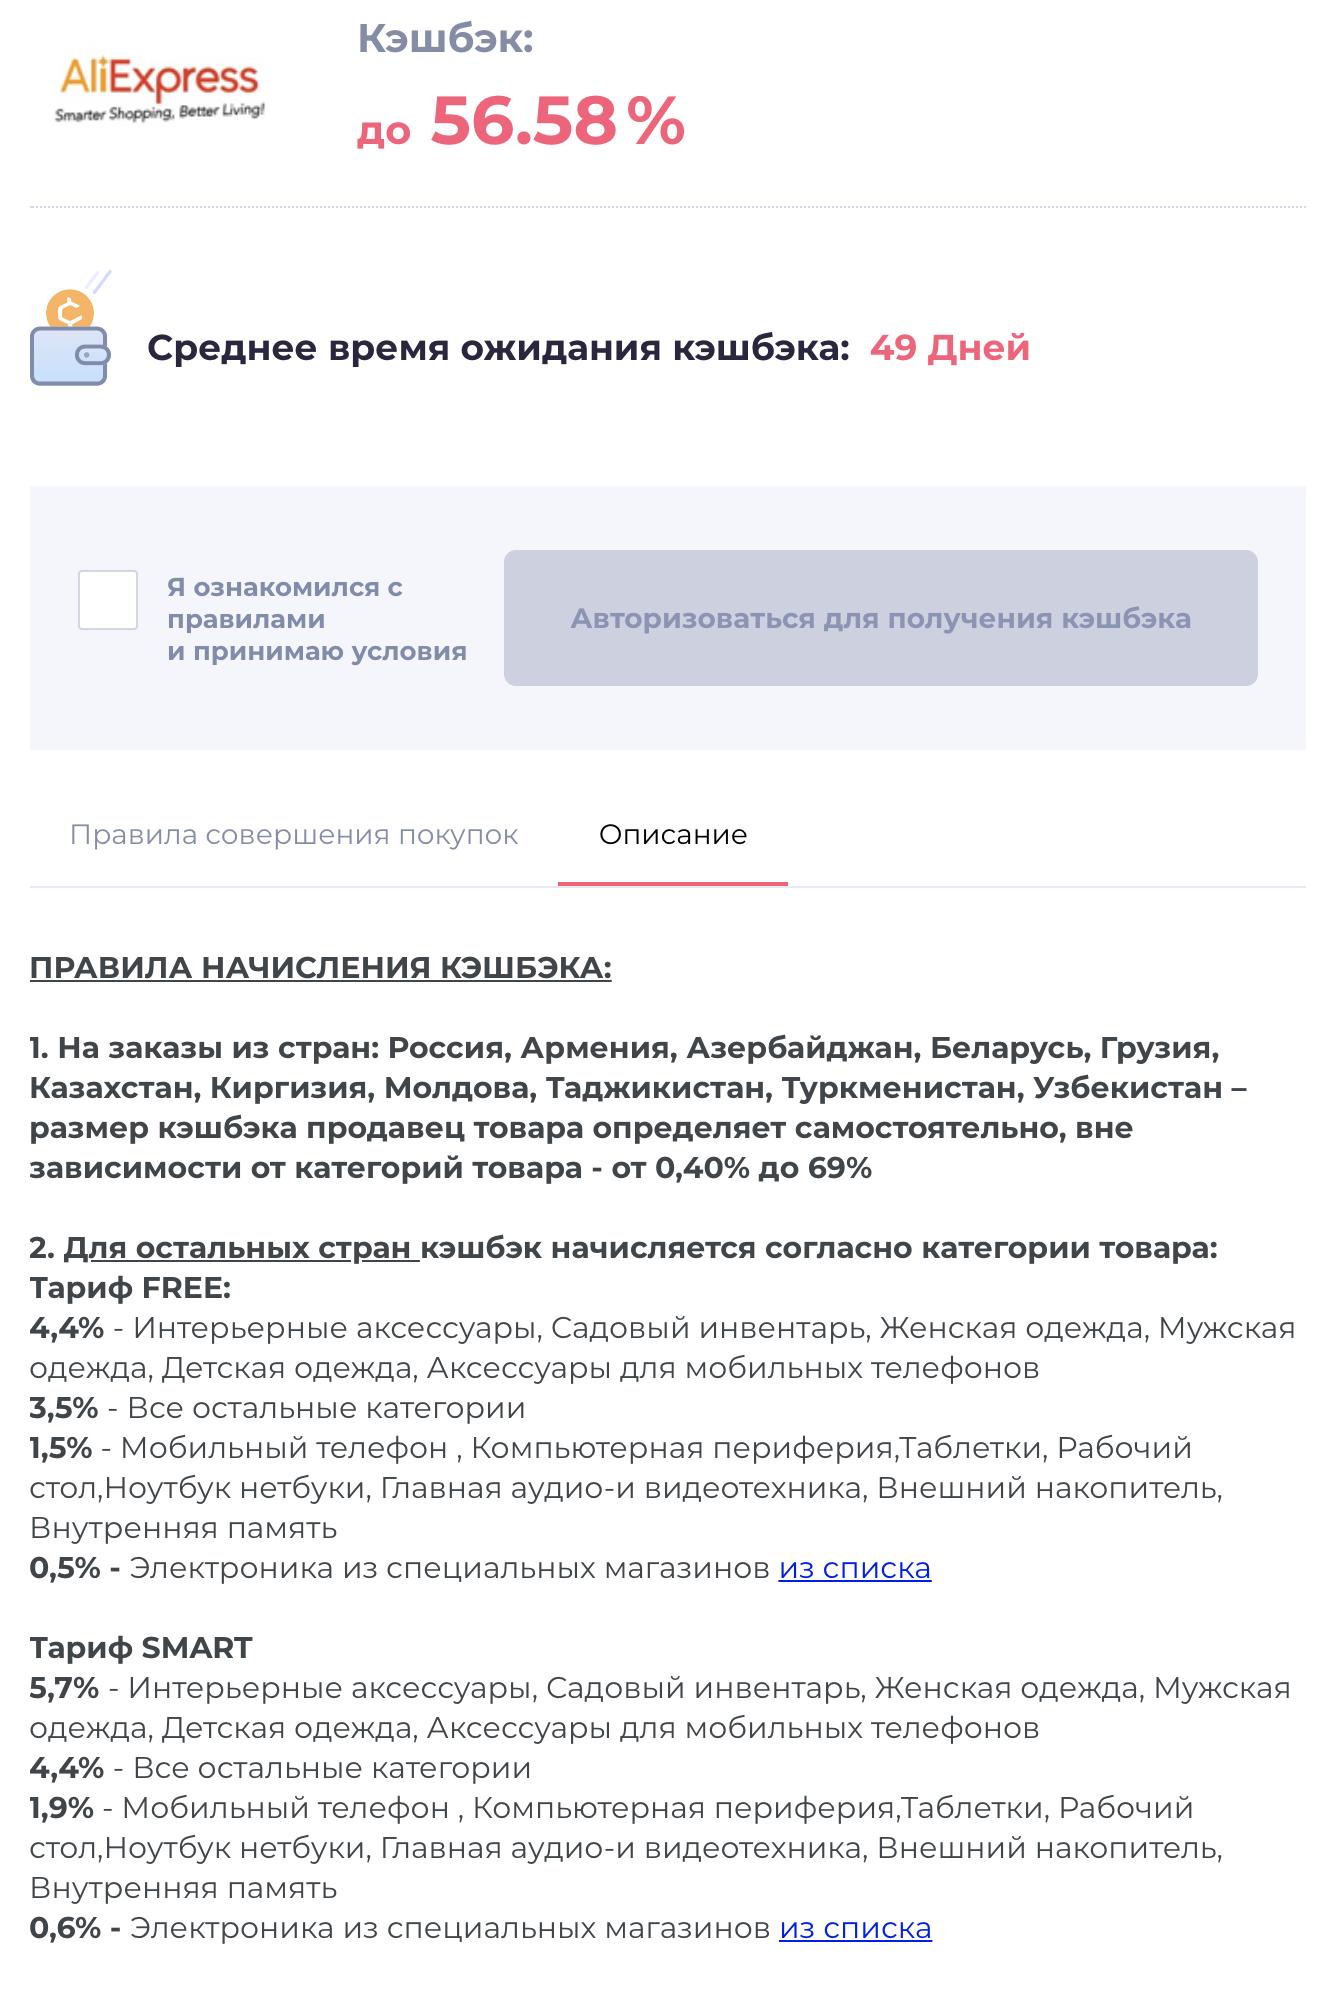 Для российских покупателей «Алиэкспресс» определяет размер кэшбэка самостоятельно — в карточке компании указан только максимальный